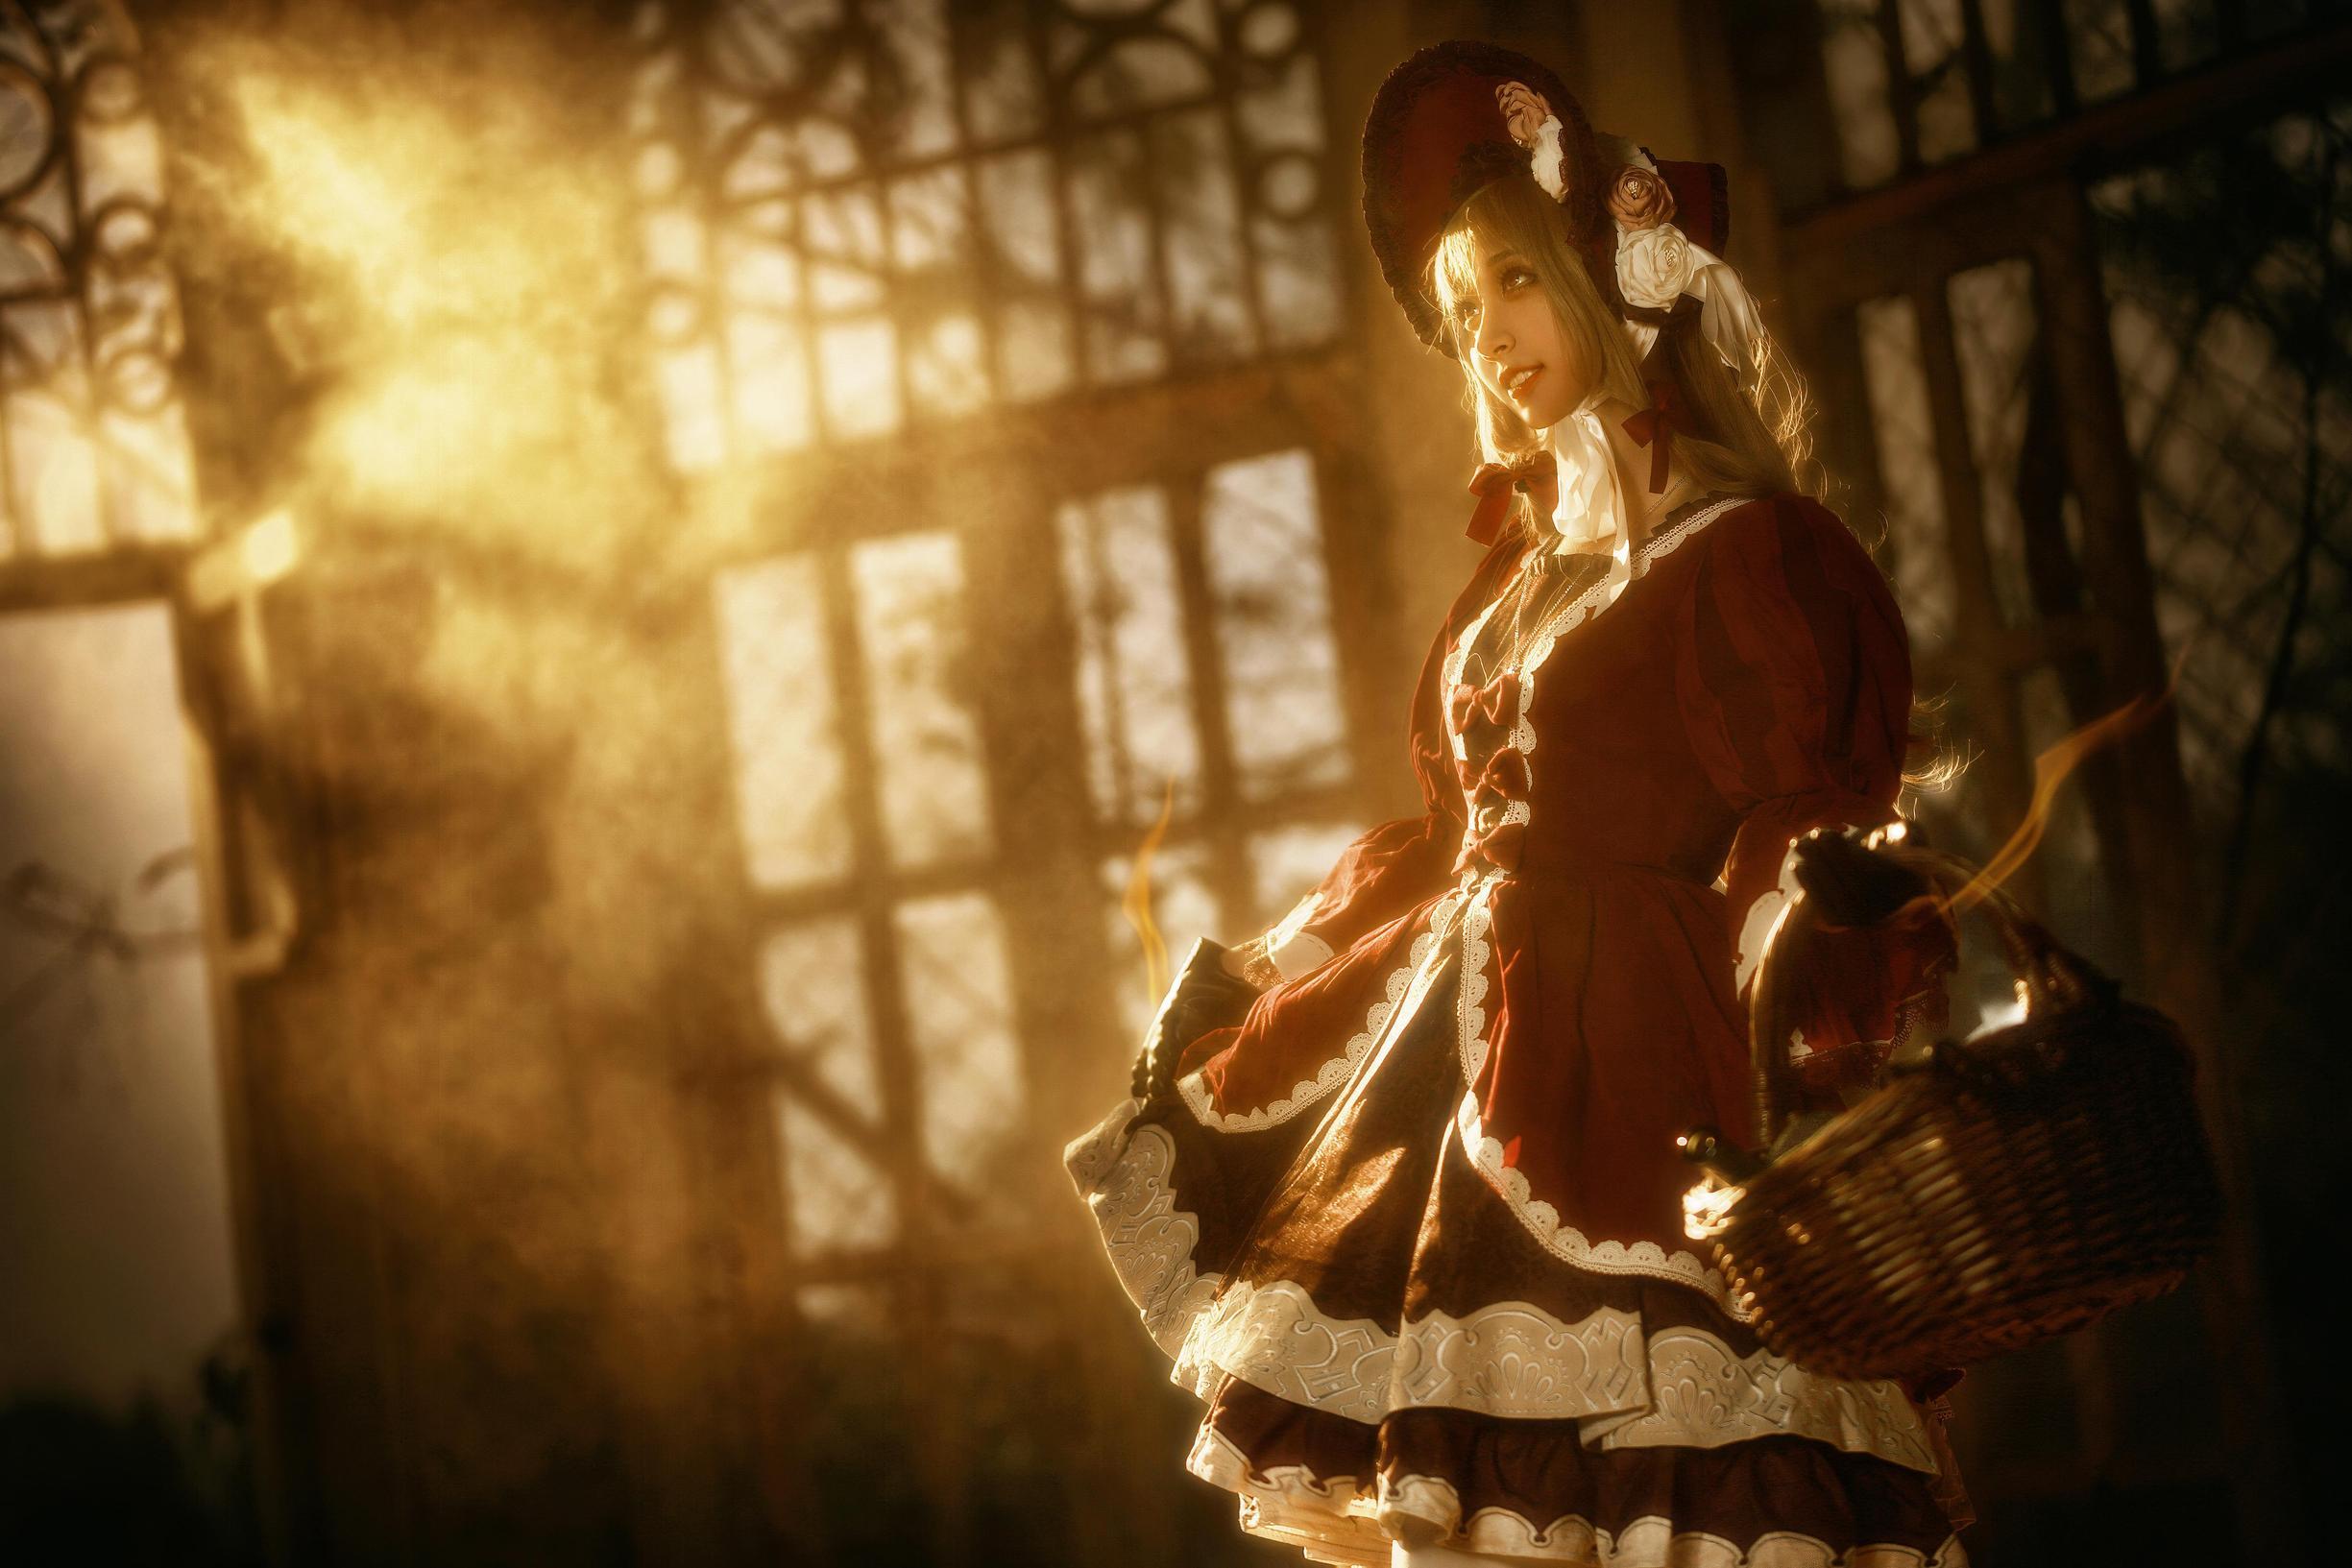 《死亡爱丽丝》游戏cosplay【CN:墓入安泽】-第3张